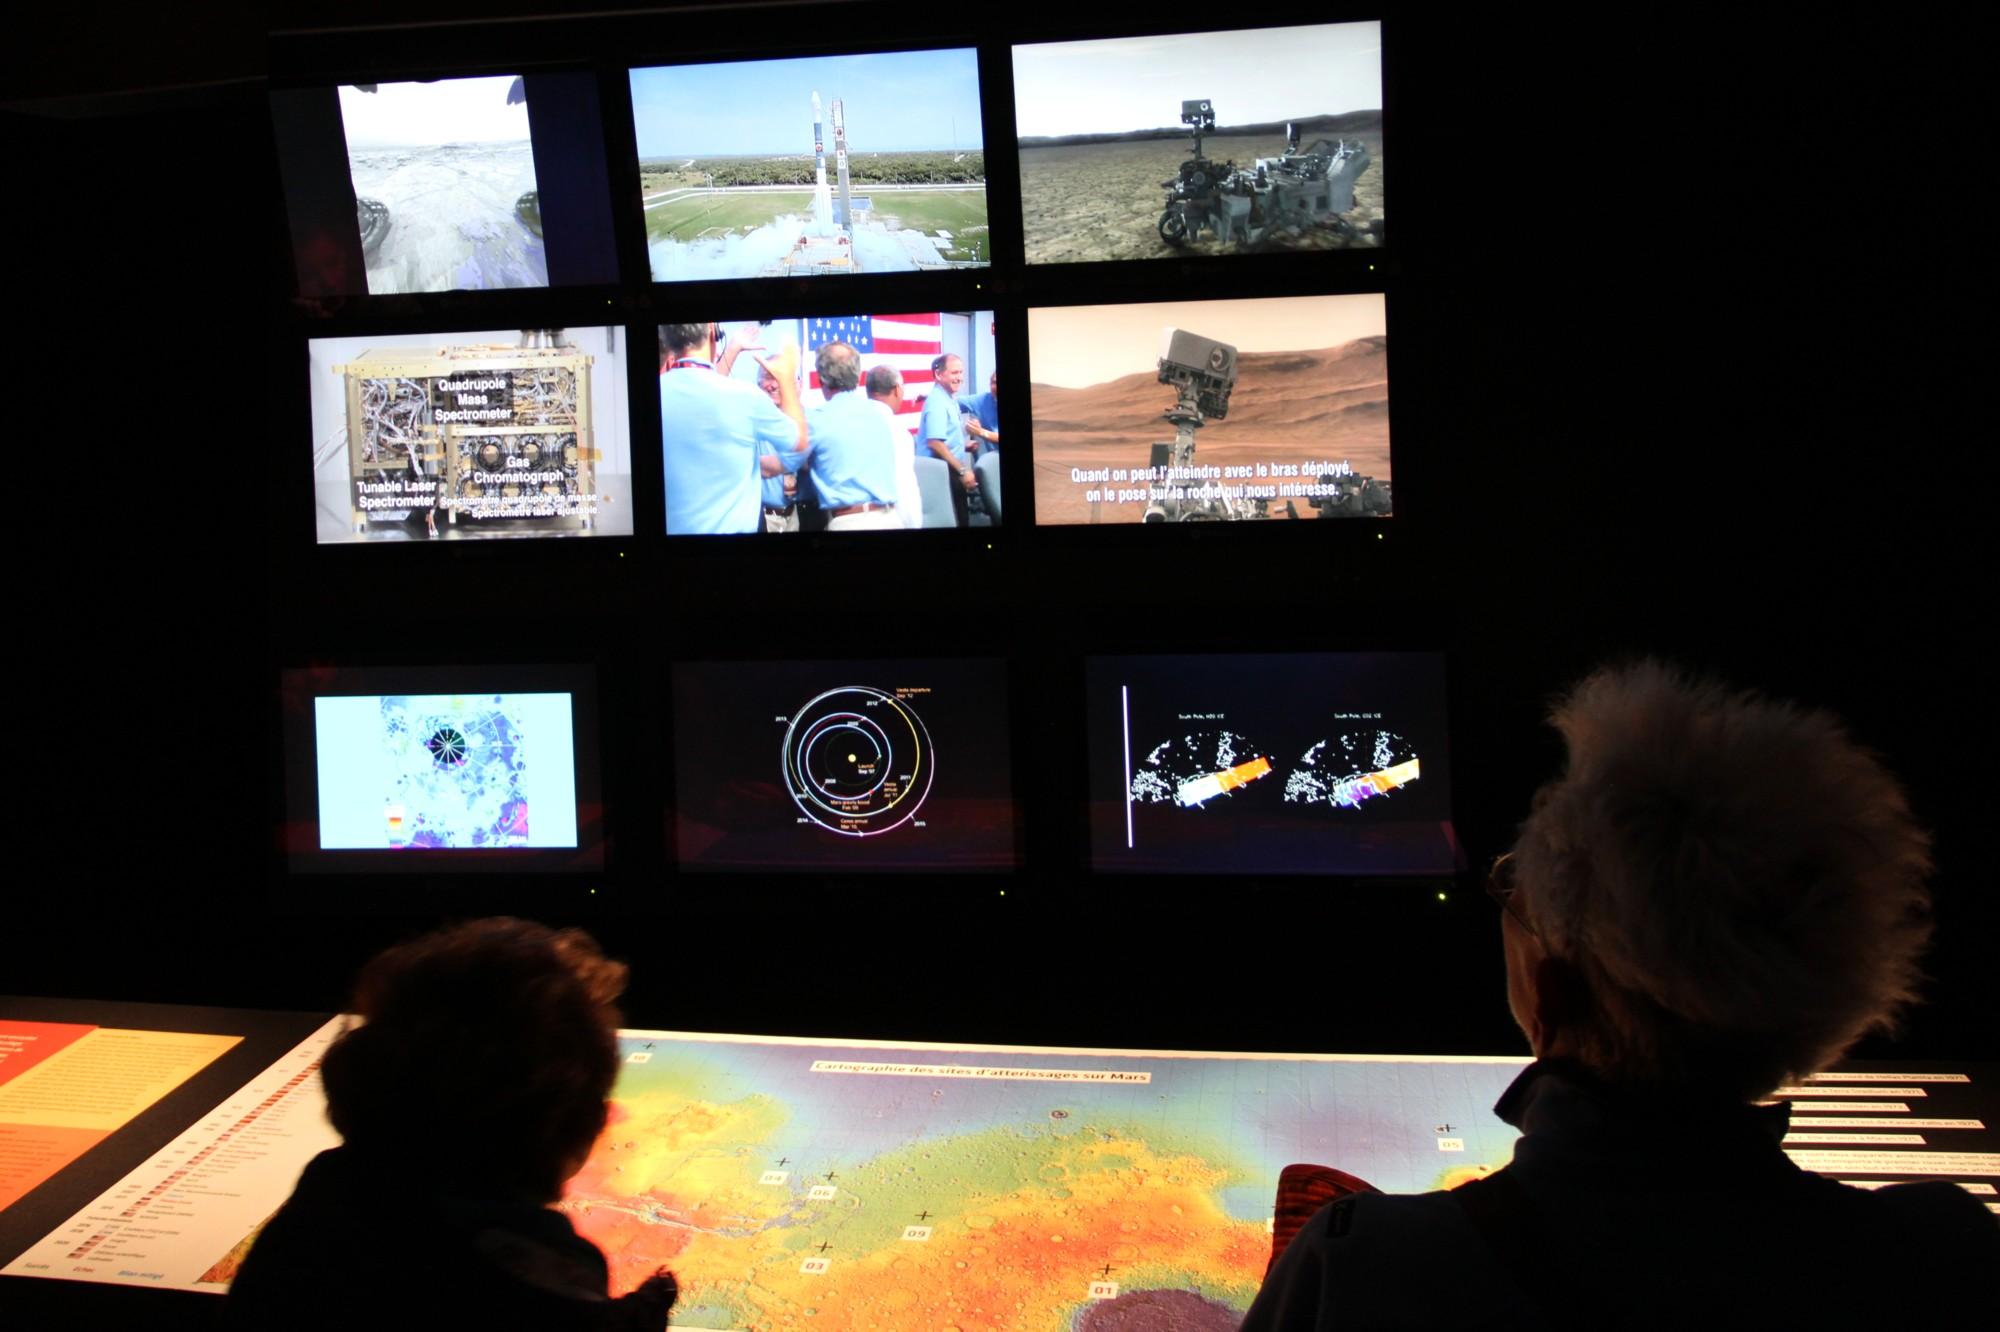 16 02 18 - 16h 01m 22s - Explorez Mars Palais de la Découverte tr